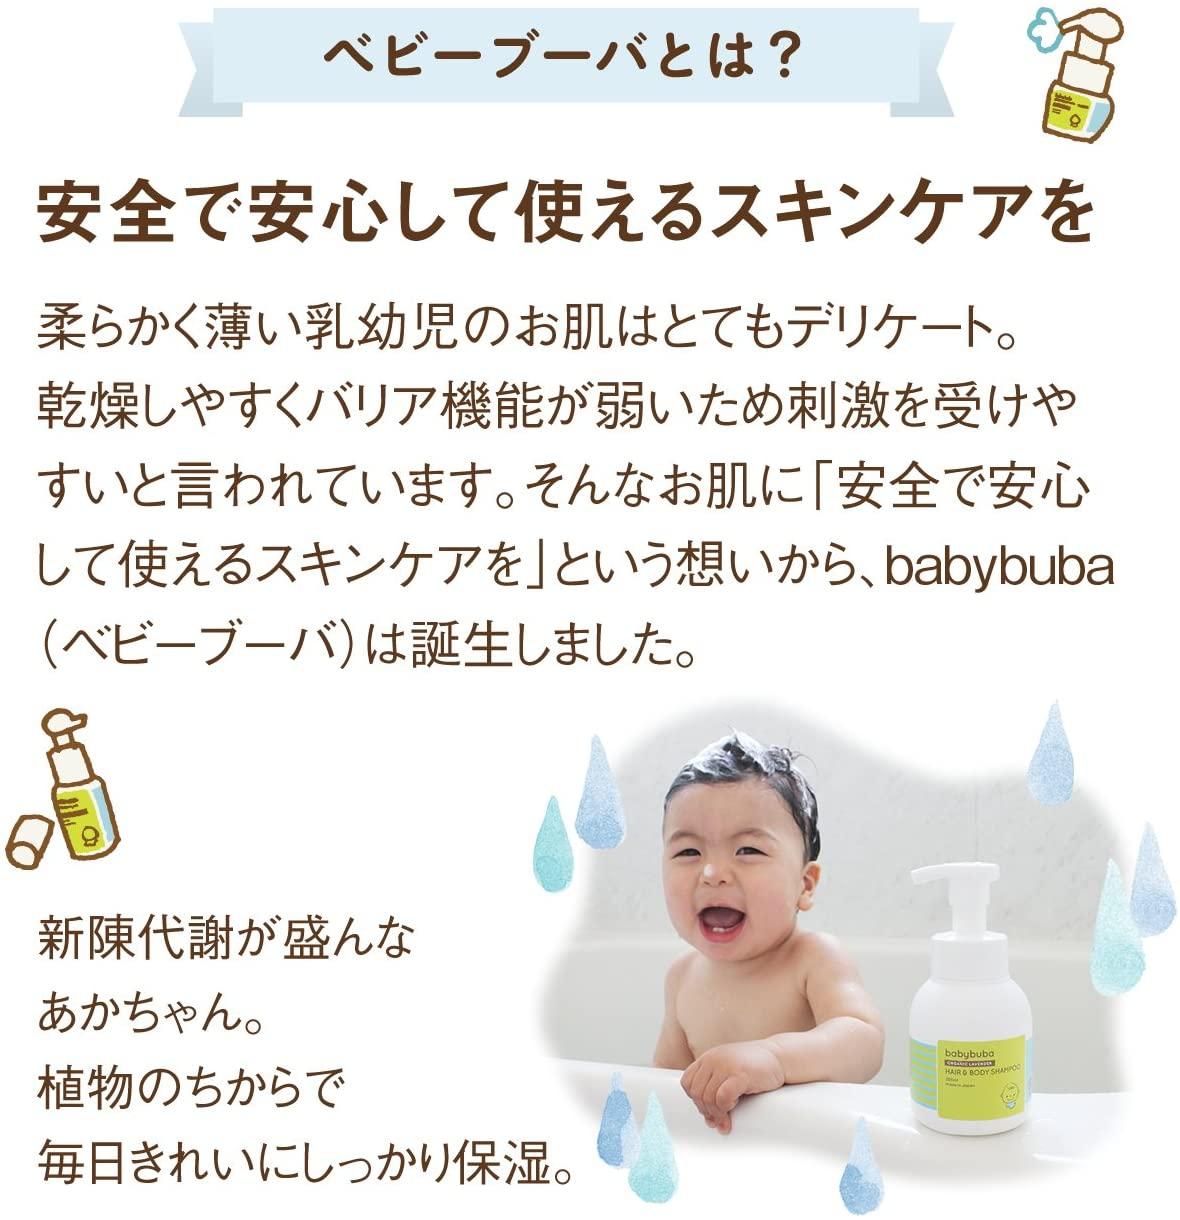 babybuba(ベビーブーバ) ベビーシャンプーの商品画像6